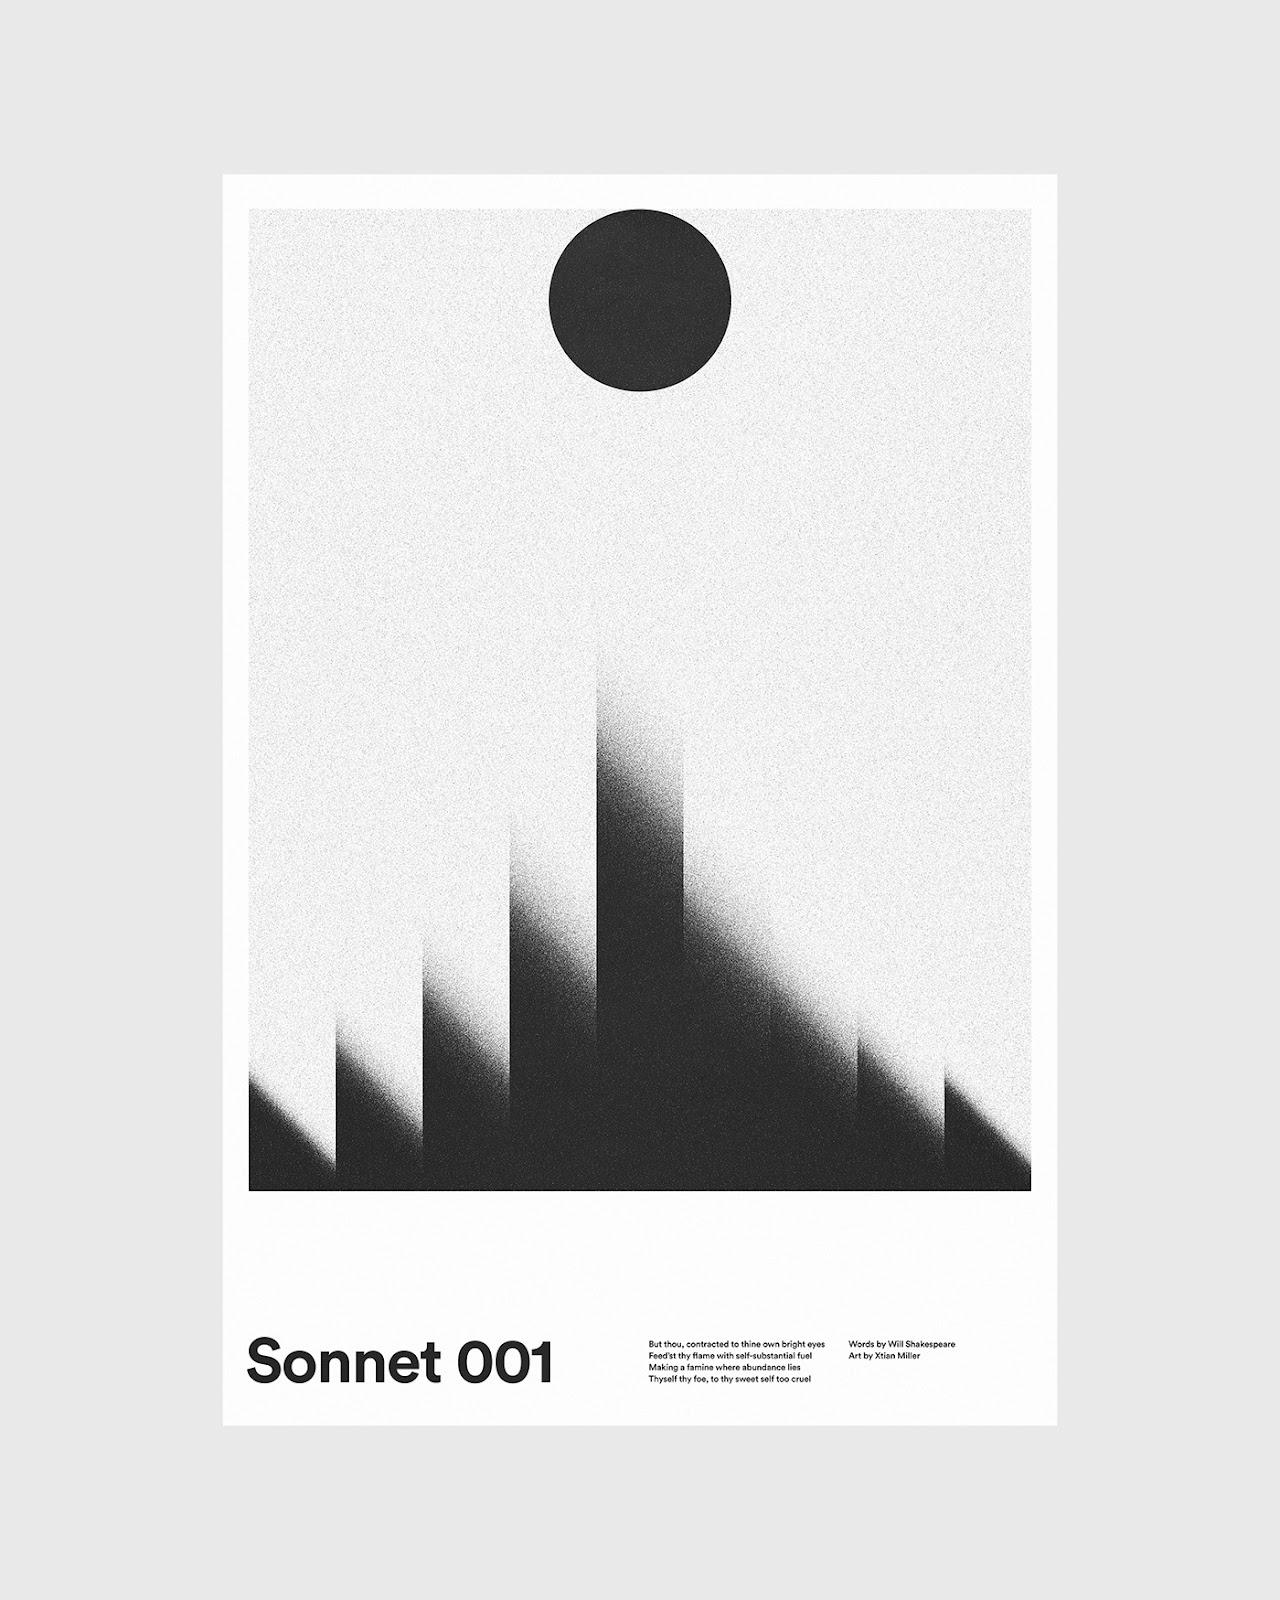 Sonnet 001